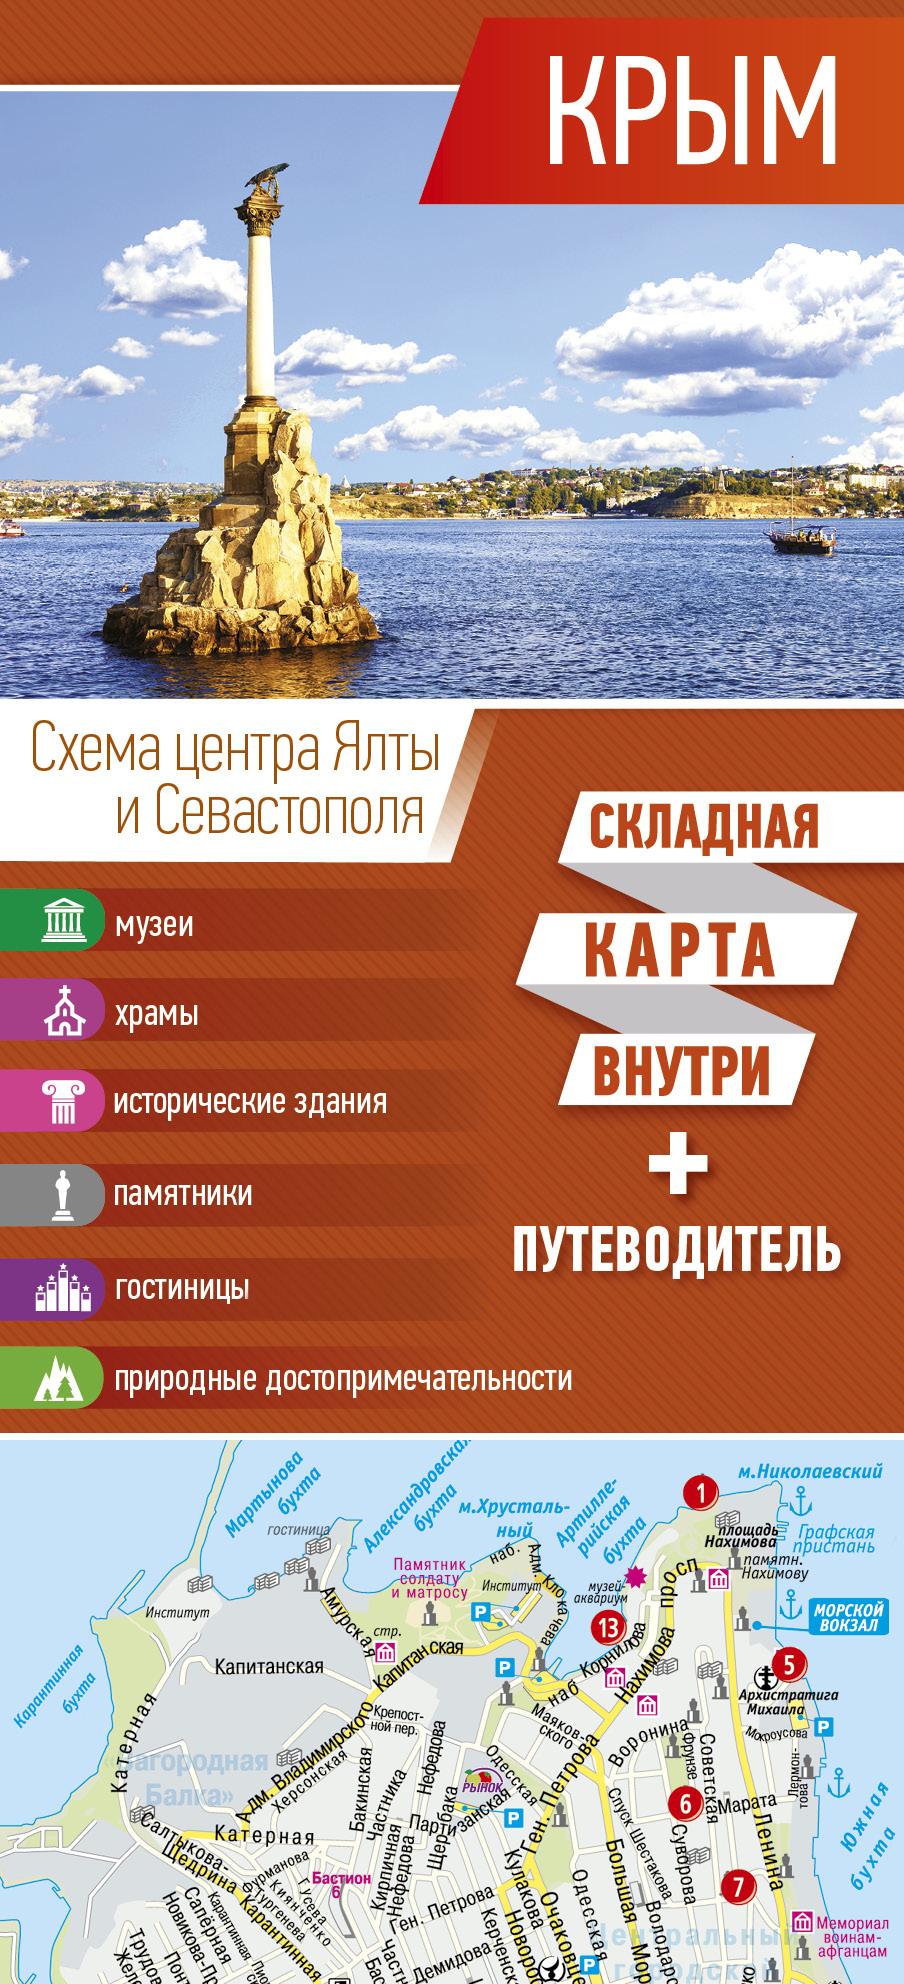 . Крым. Карта+путеводитель крым путеводитель карта